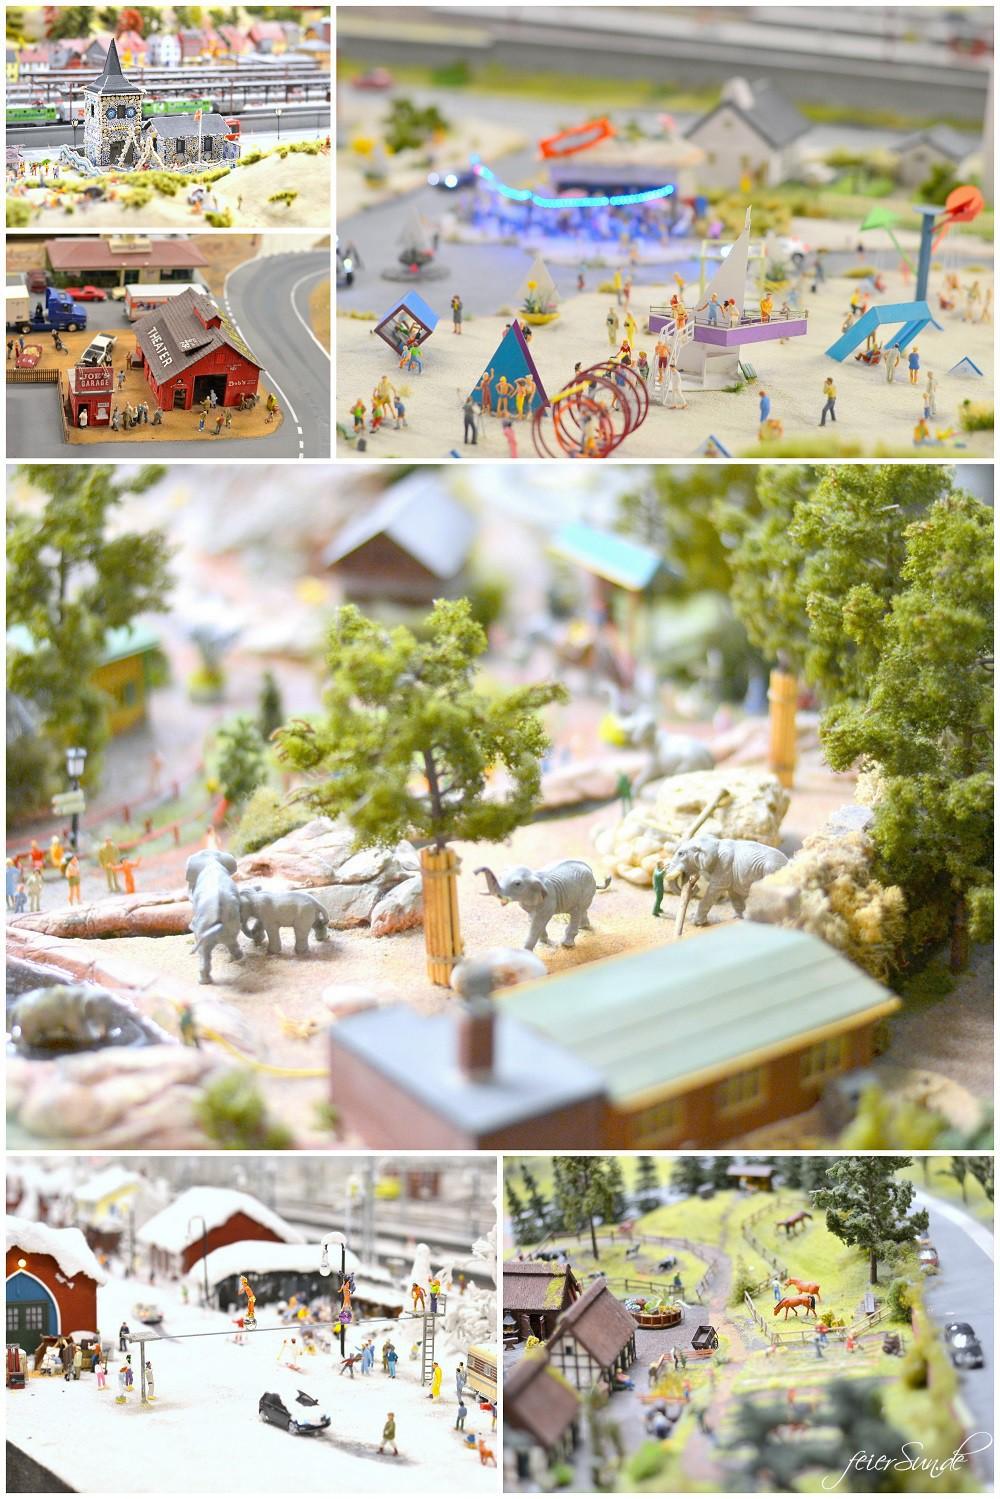 Miniatur Wunderland - Kleine grosse Welt ganz-klein_folge-uns-ins-Modellland-Hamburg-Menschen-Tiere-Landschaften